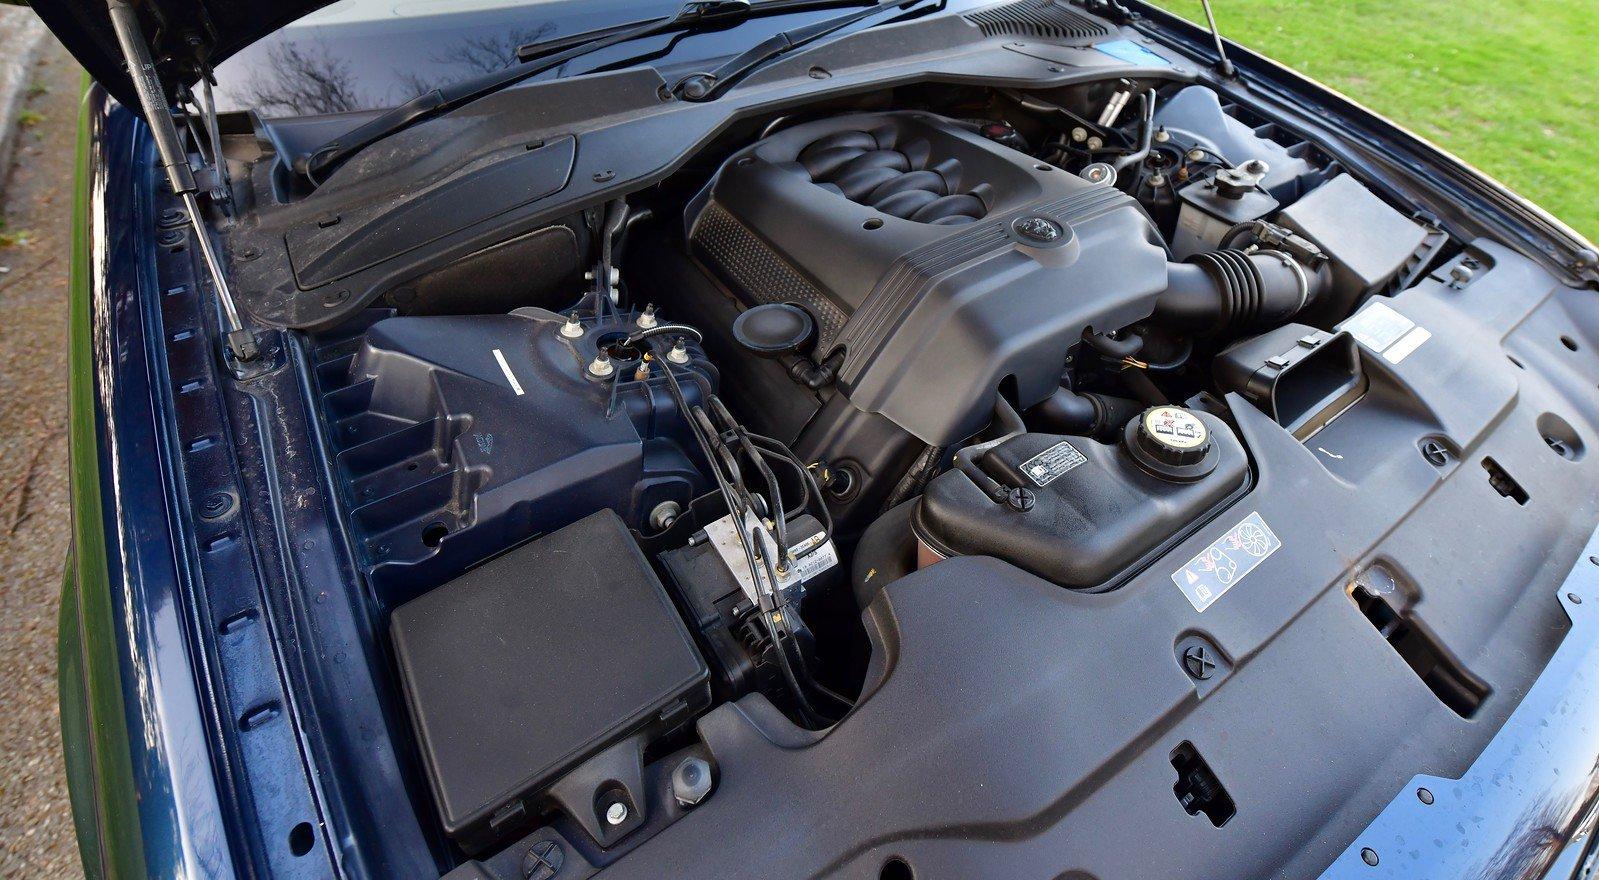 2008 Jaguar XJ8 Executive 4.2L For Sale (picture 6 of 6)